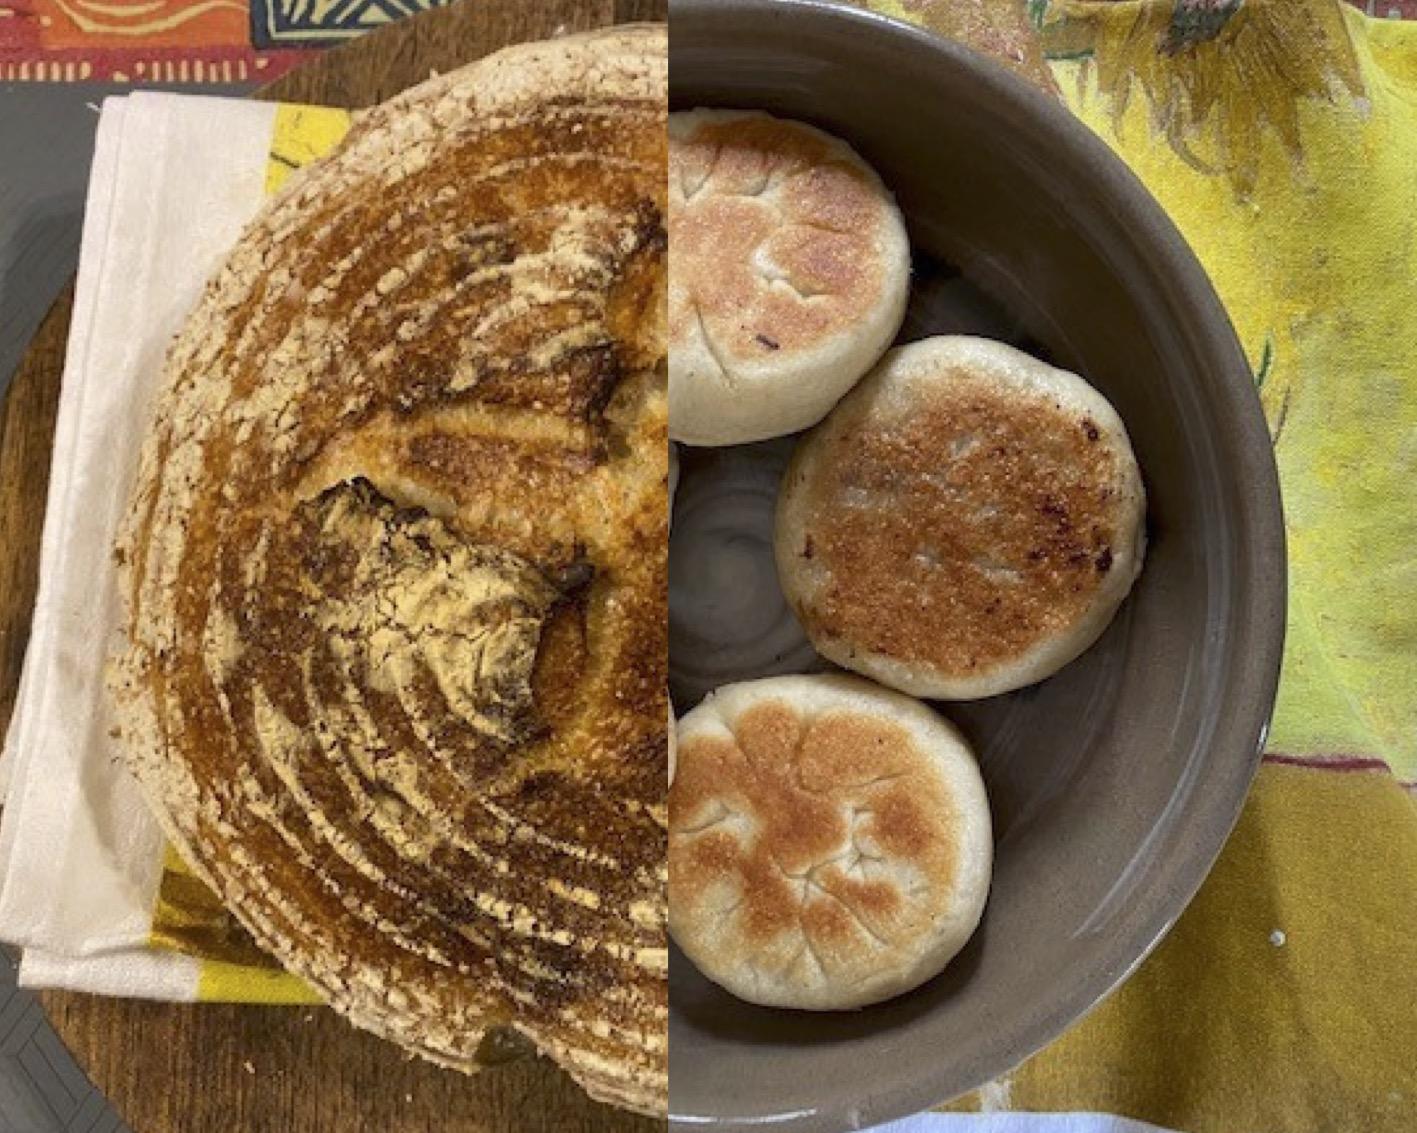 A split shot of Prof Bai's sourdough and meat buns.